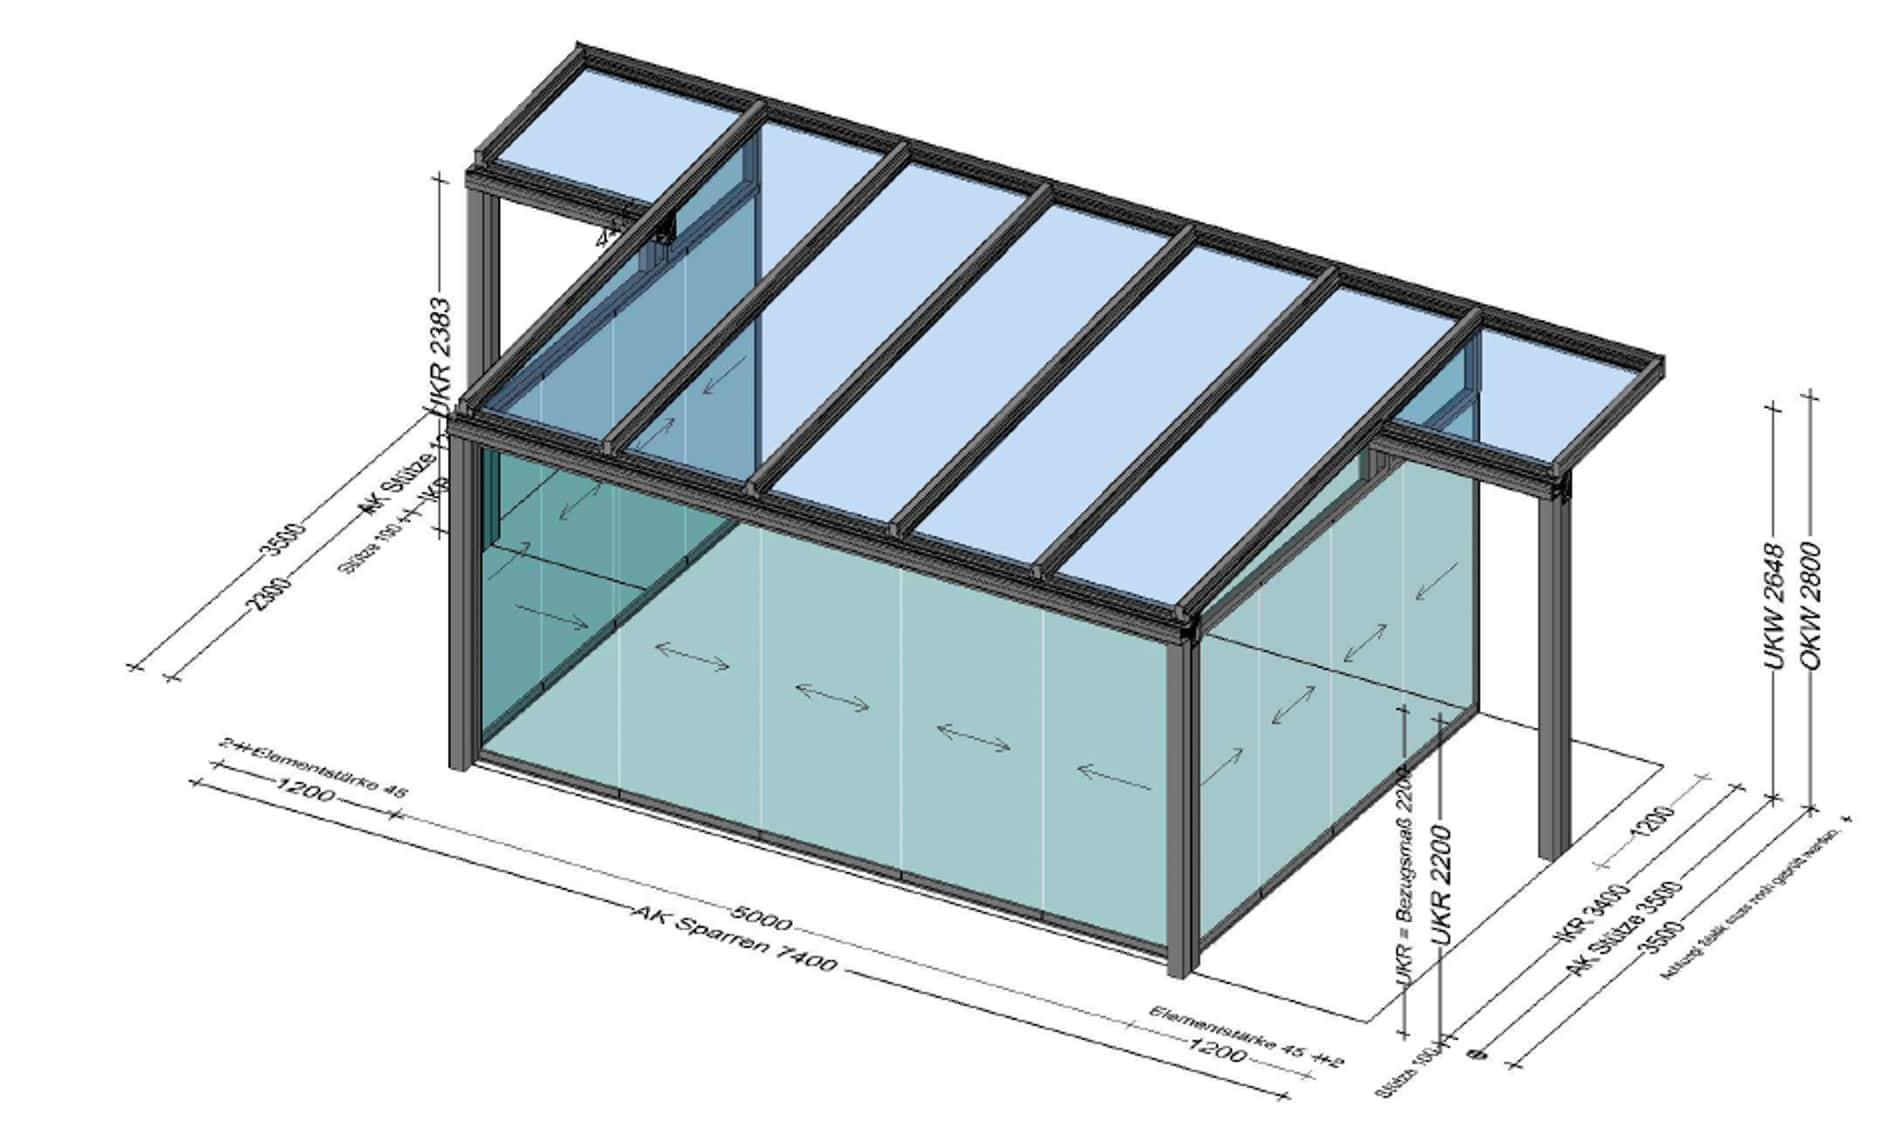 Wintergarten Ideen mit überstehenden Dach - Planung